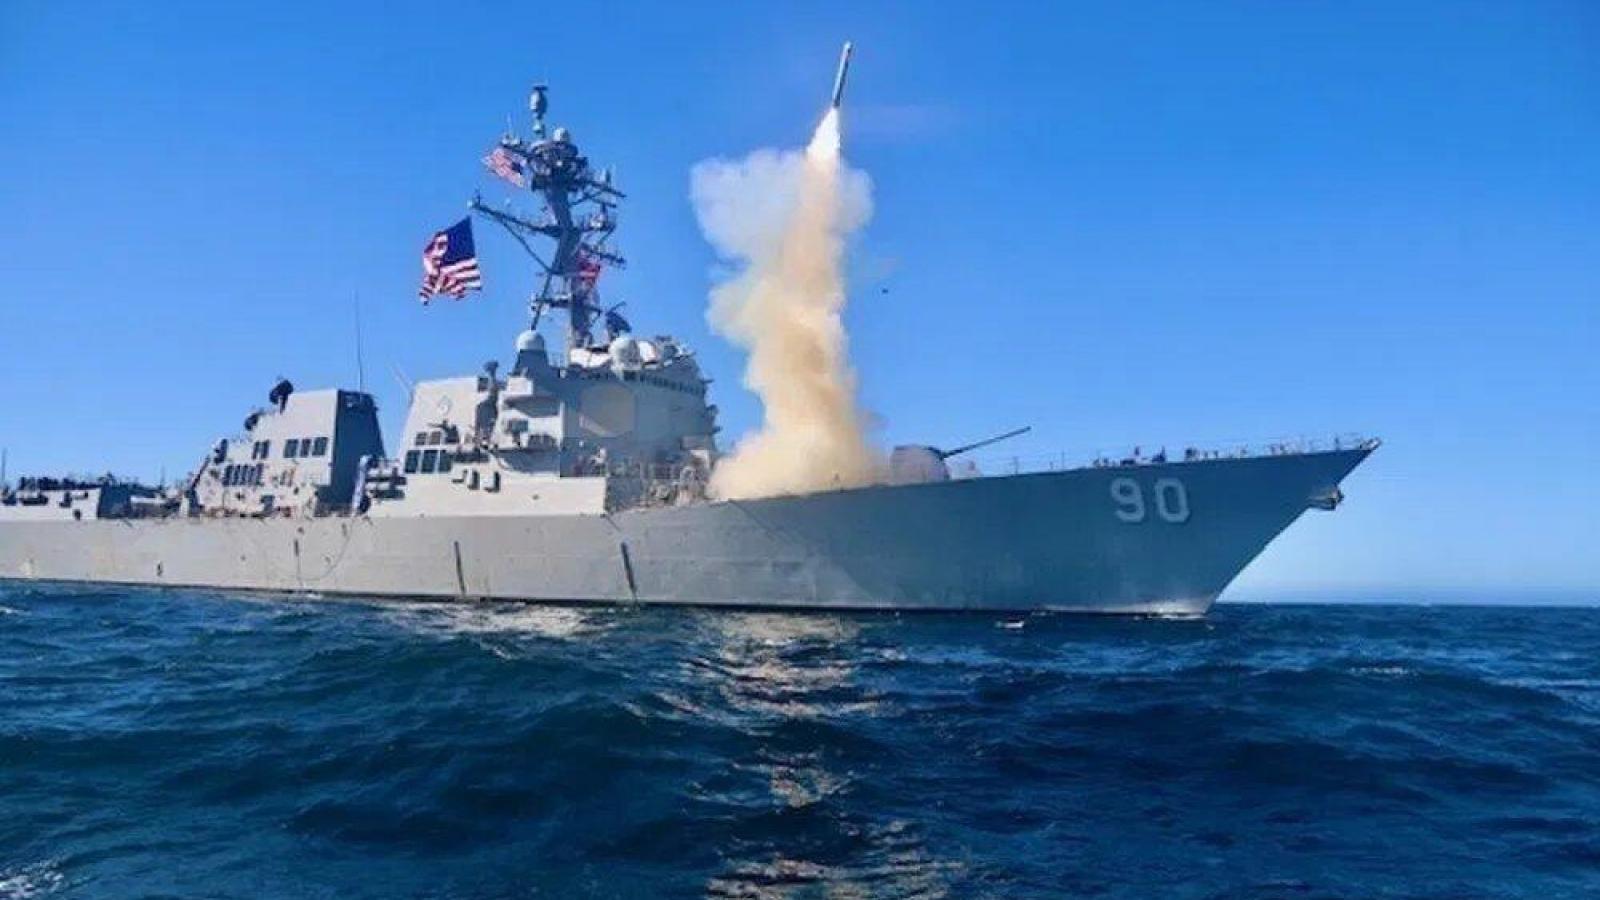 Mỹ trang bị tên lửa Tomahawk thế hệ mới nhất cho hải quân